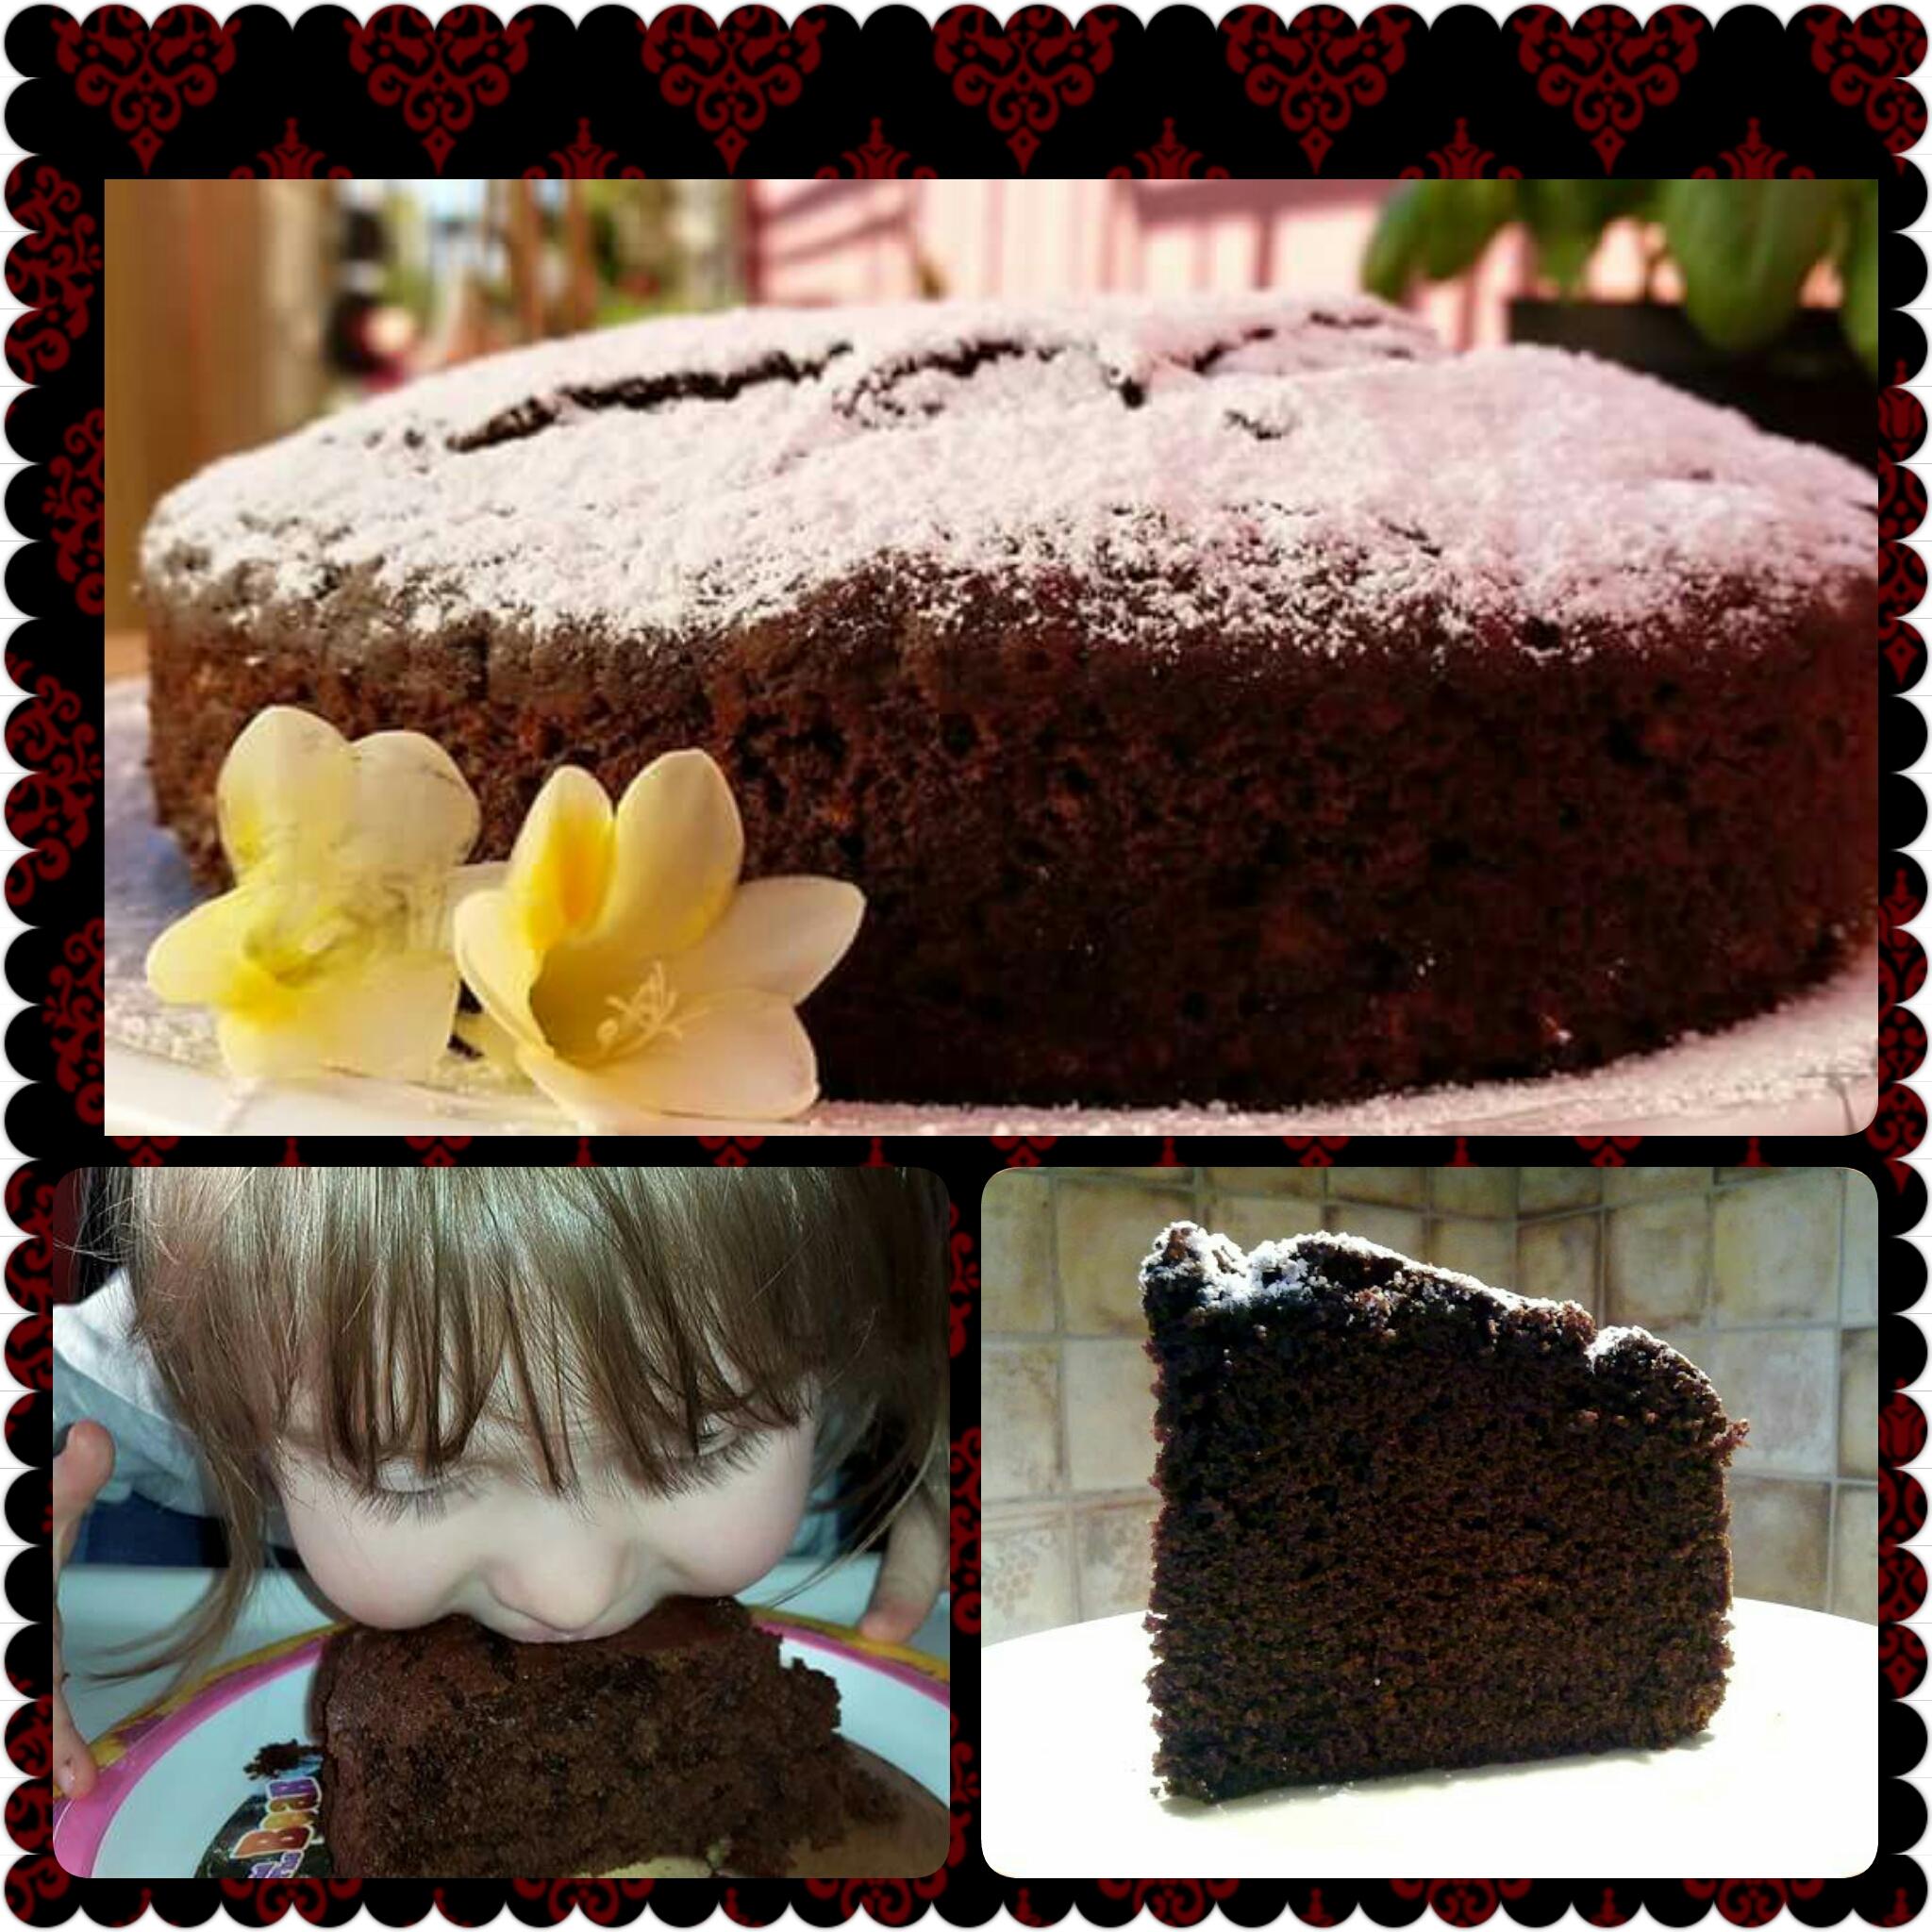 Torta Al Cioccolato Con Acqua.Torta All Acqua Al Cacao Senza Uova E Burro